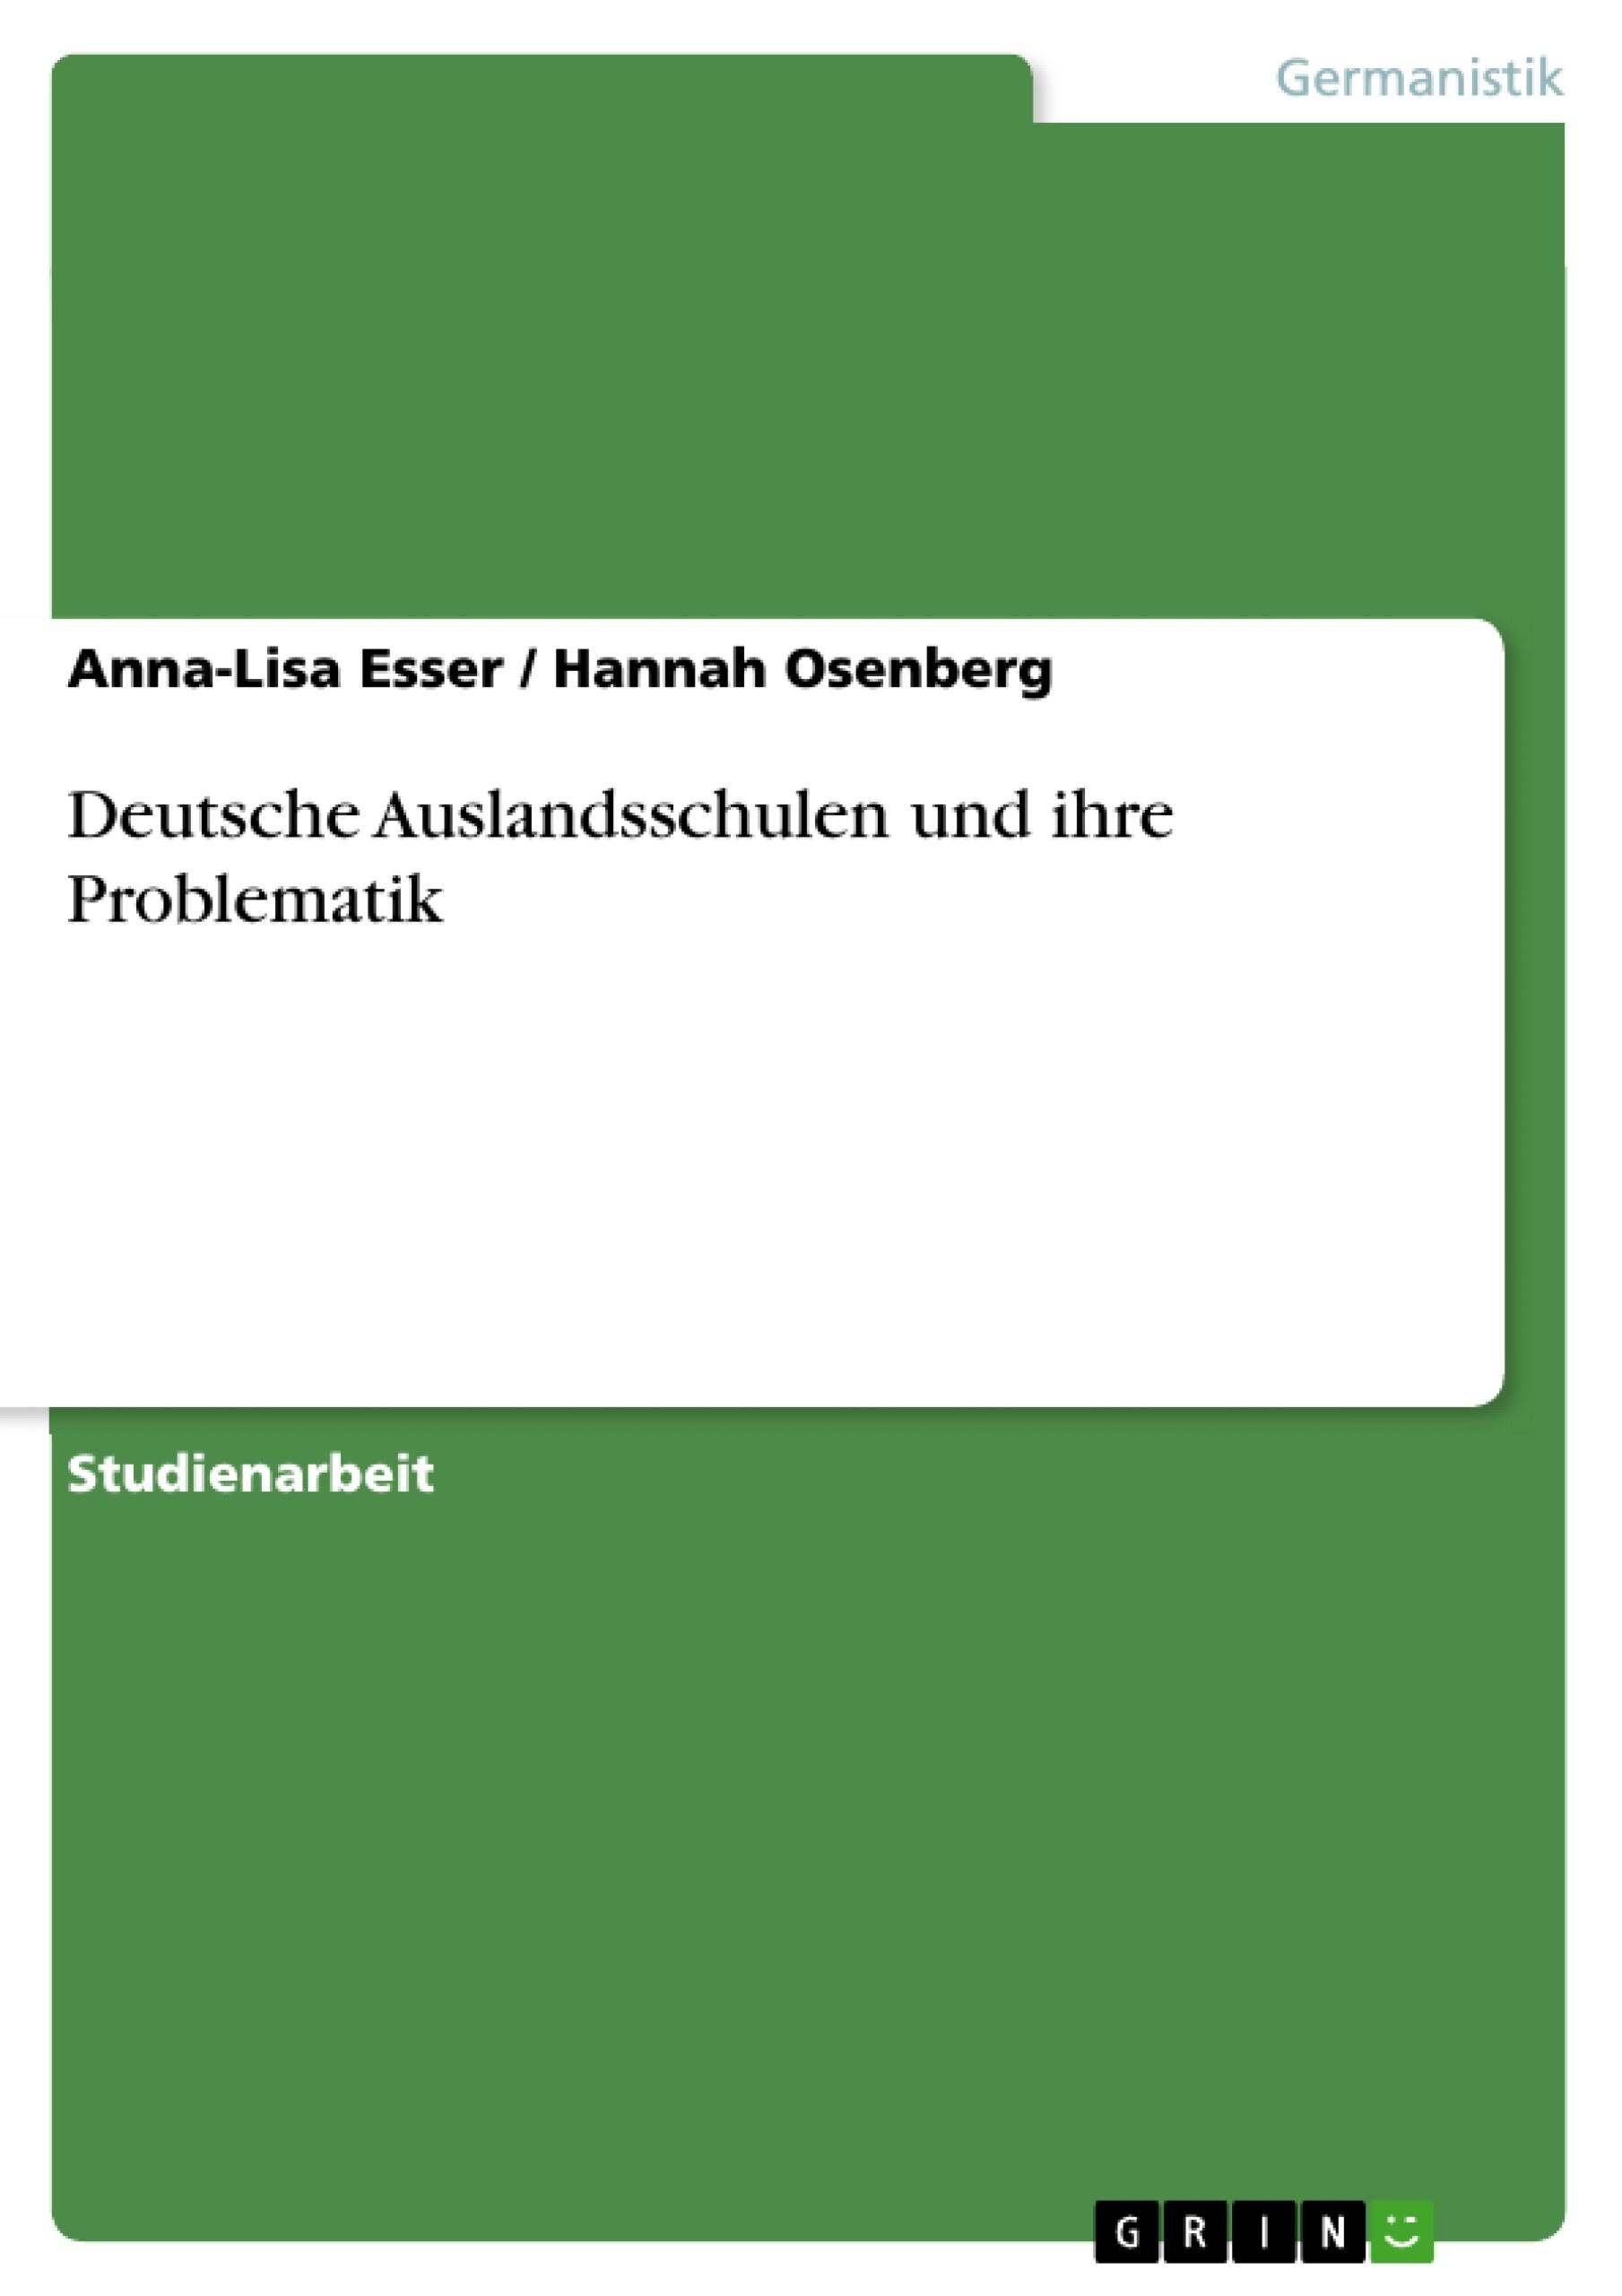 Titel: Deutsche Auslandsschulen und ihre Problematik